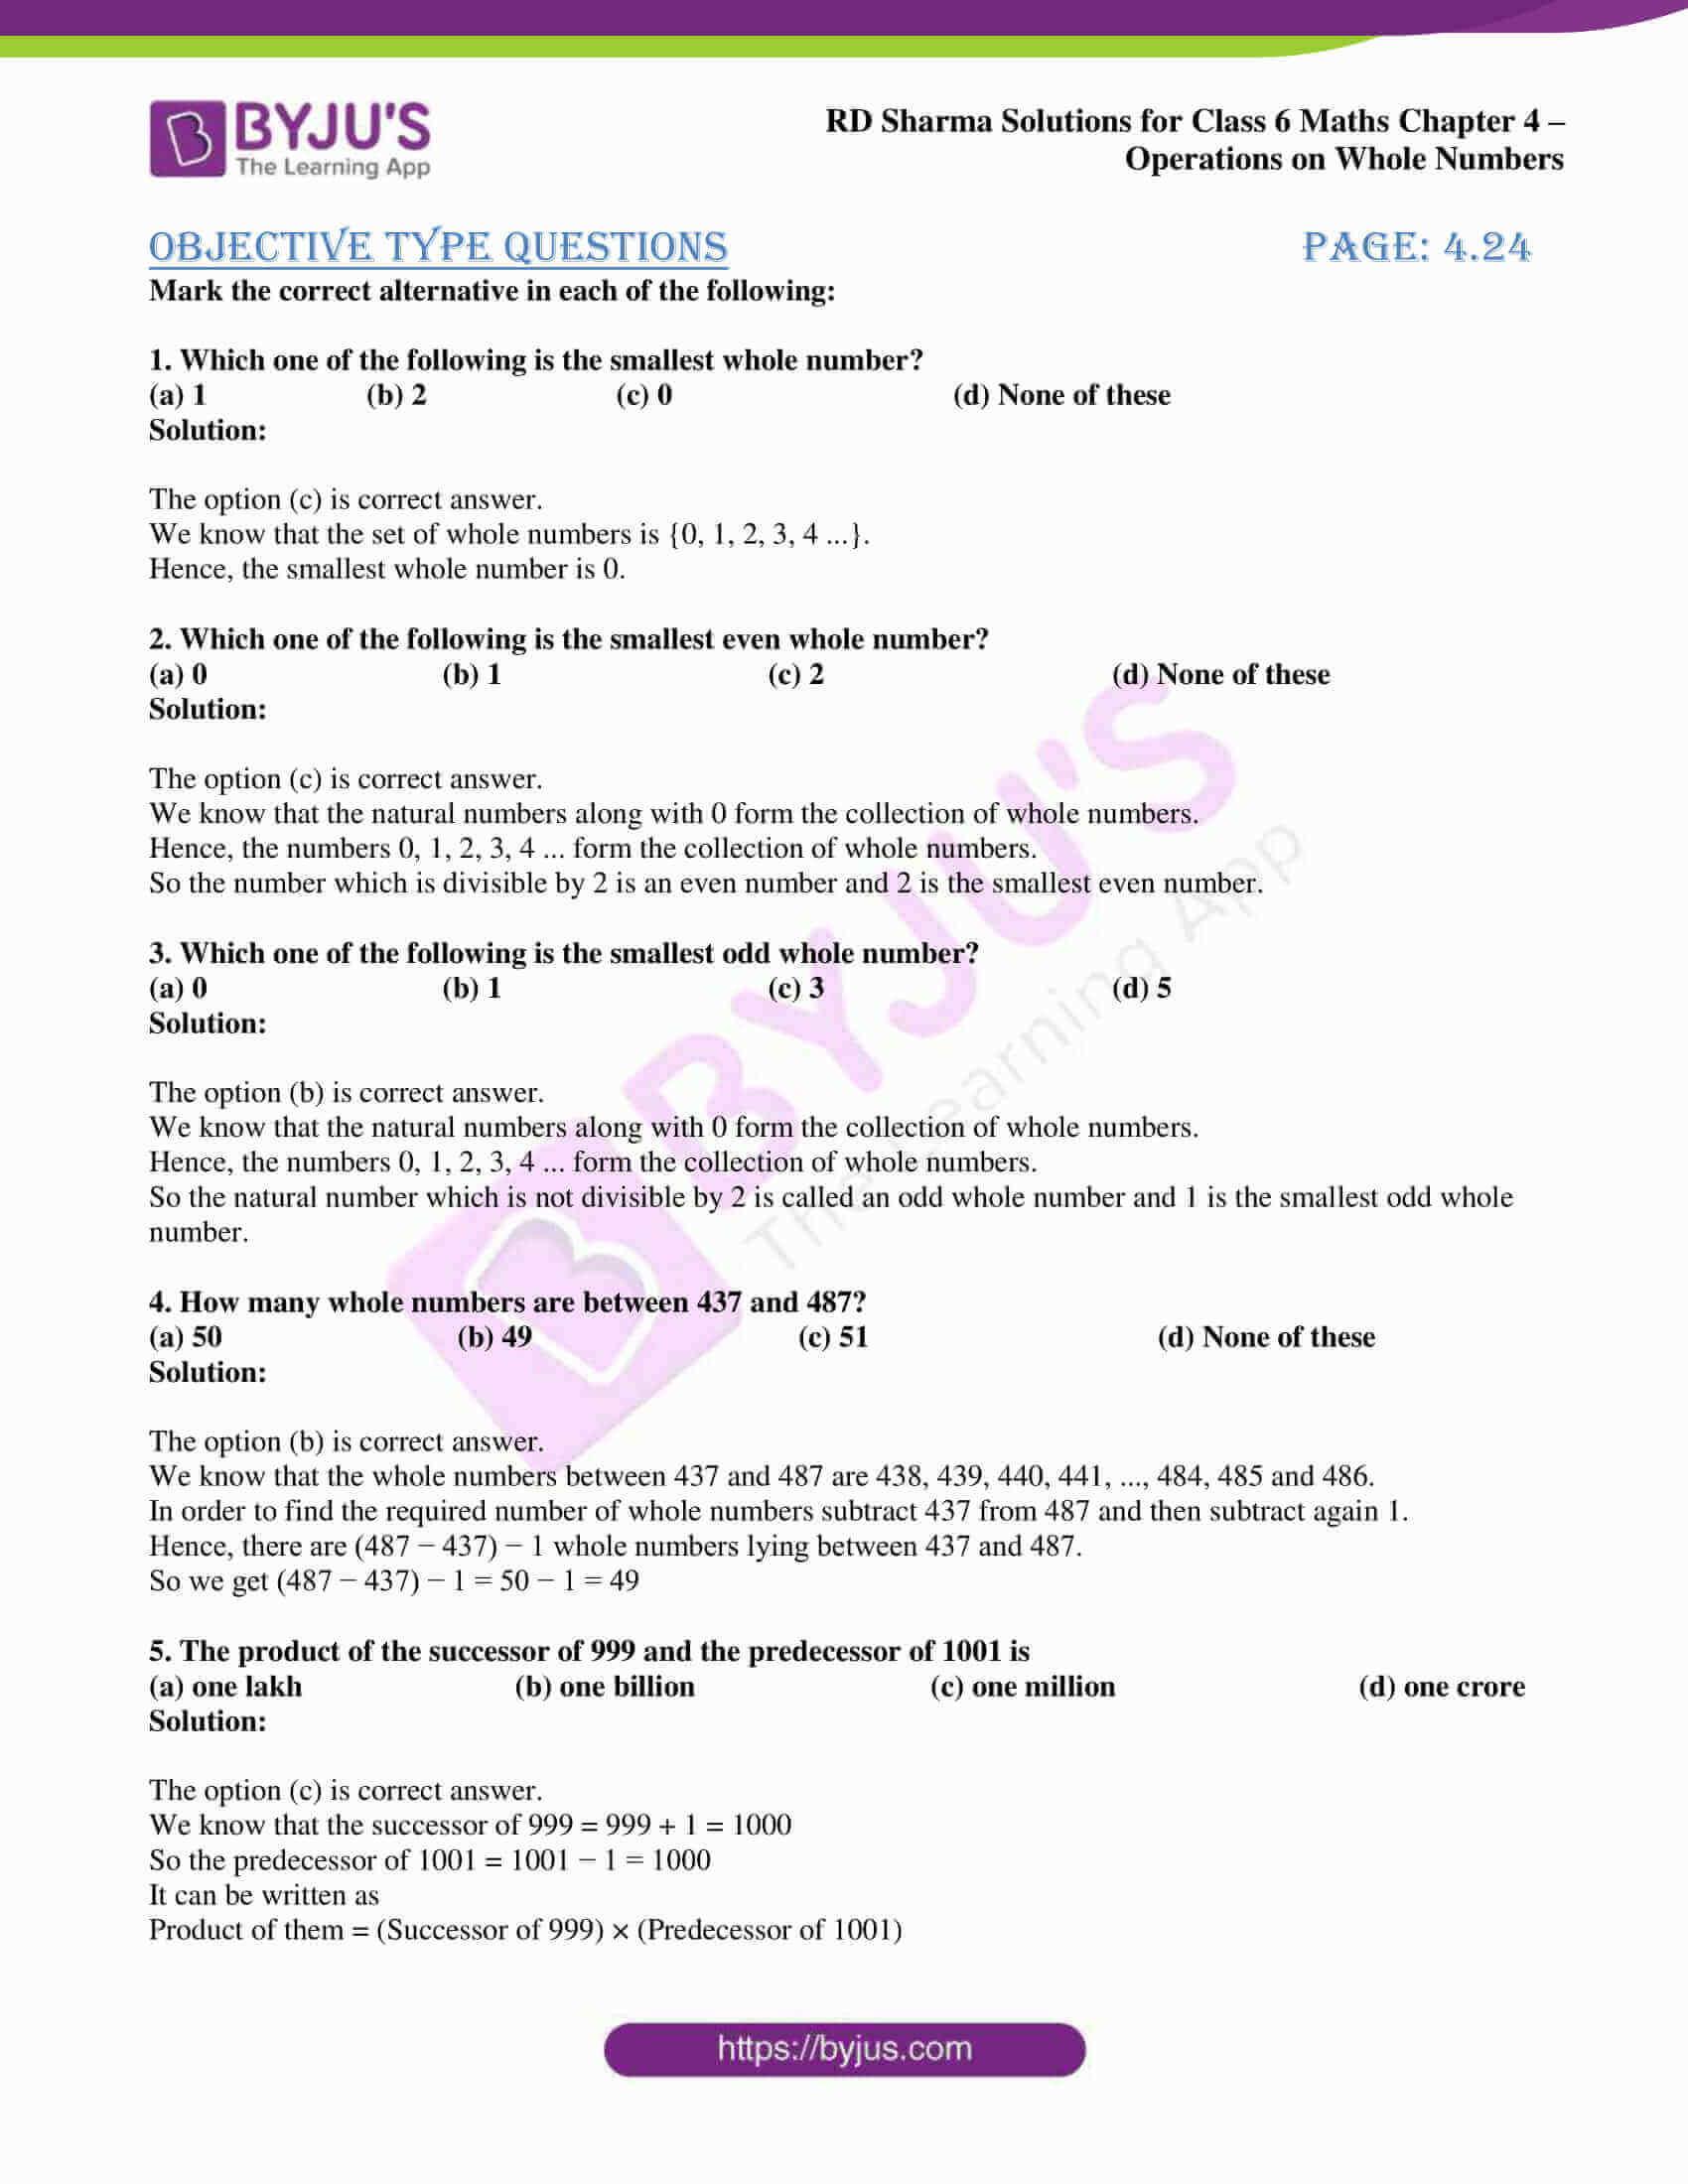 rd sharma class 6 maths solutions chapter 4 obj 1